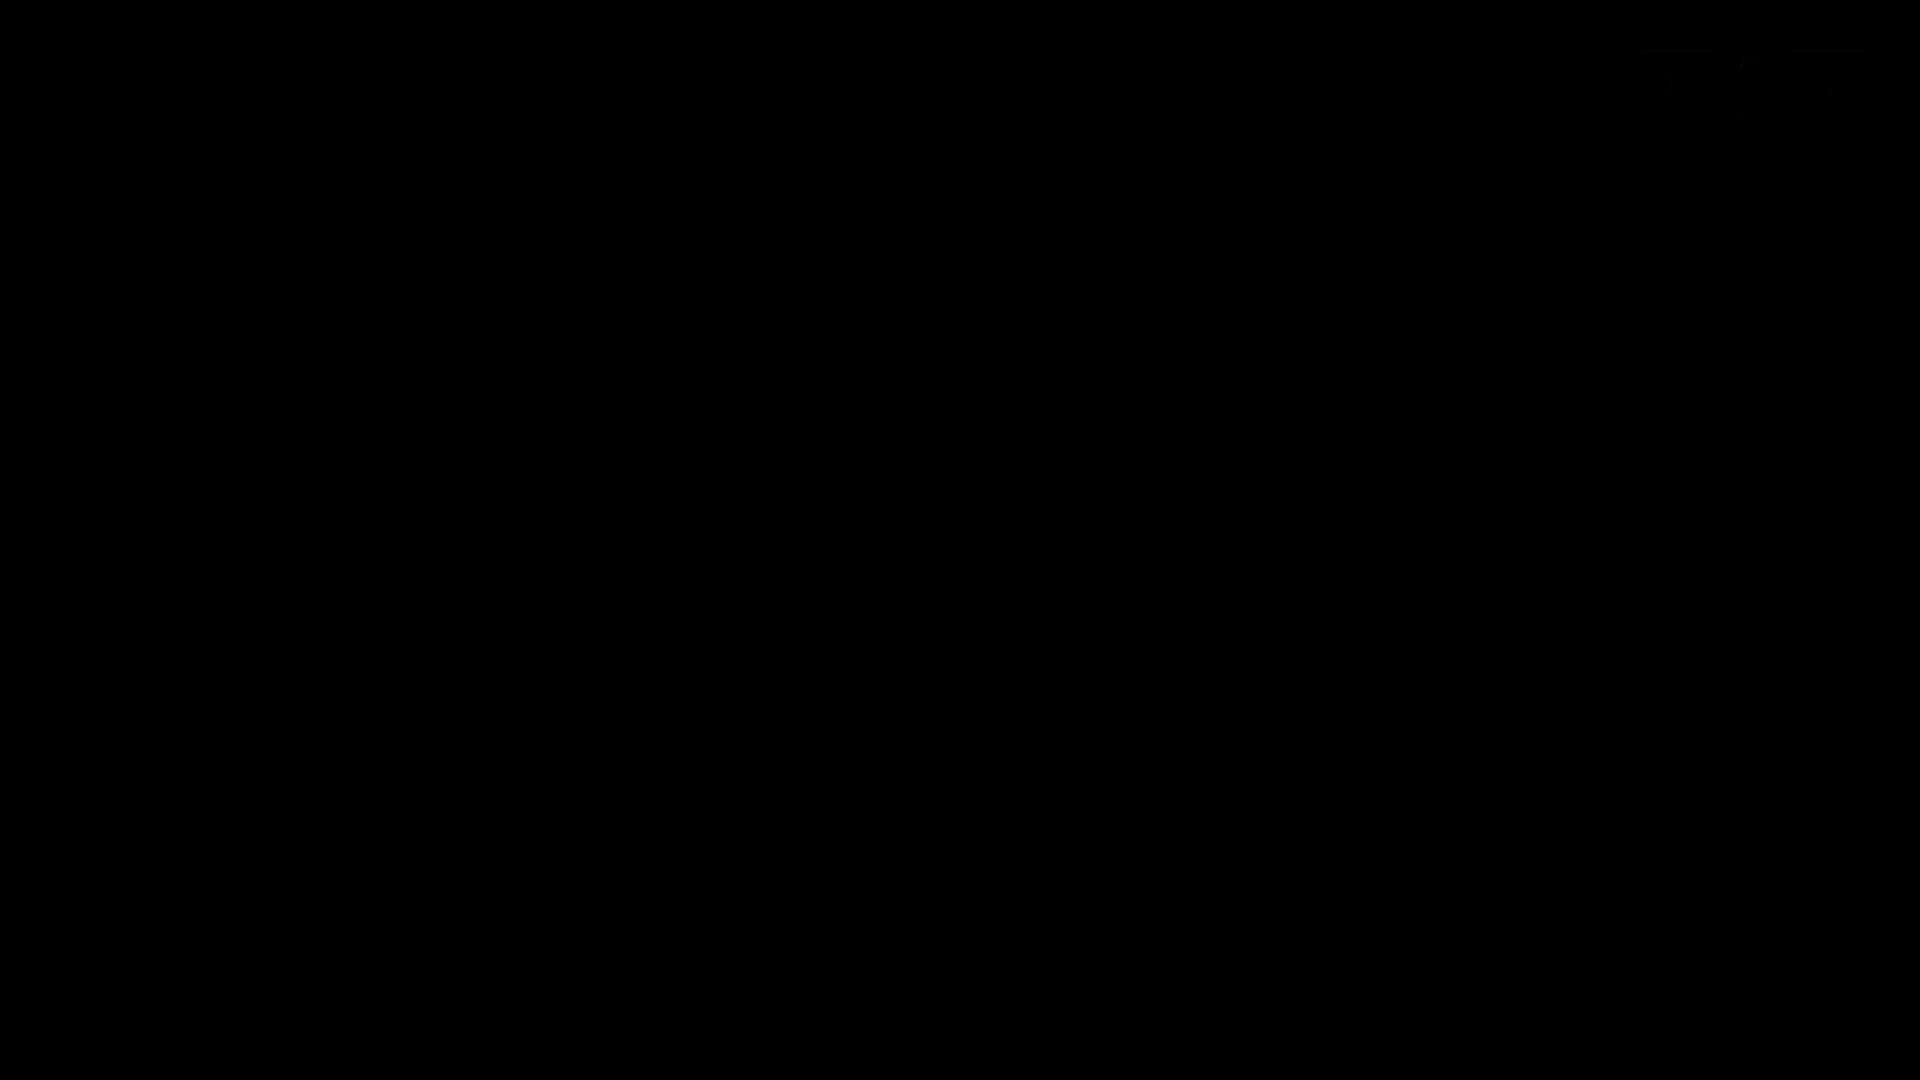 芸術大学ガチ潜入盗撮 JD盗撮 美女の洗面所の秘密 Vol.108 高画質  83PIX 48